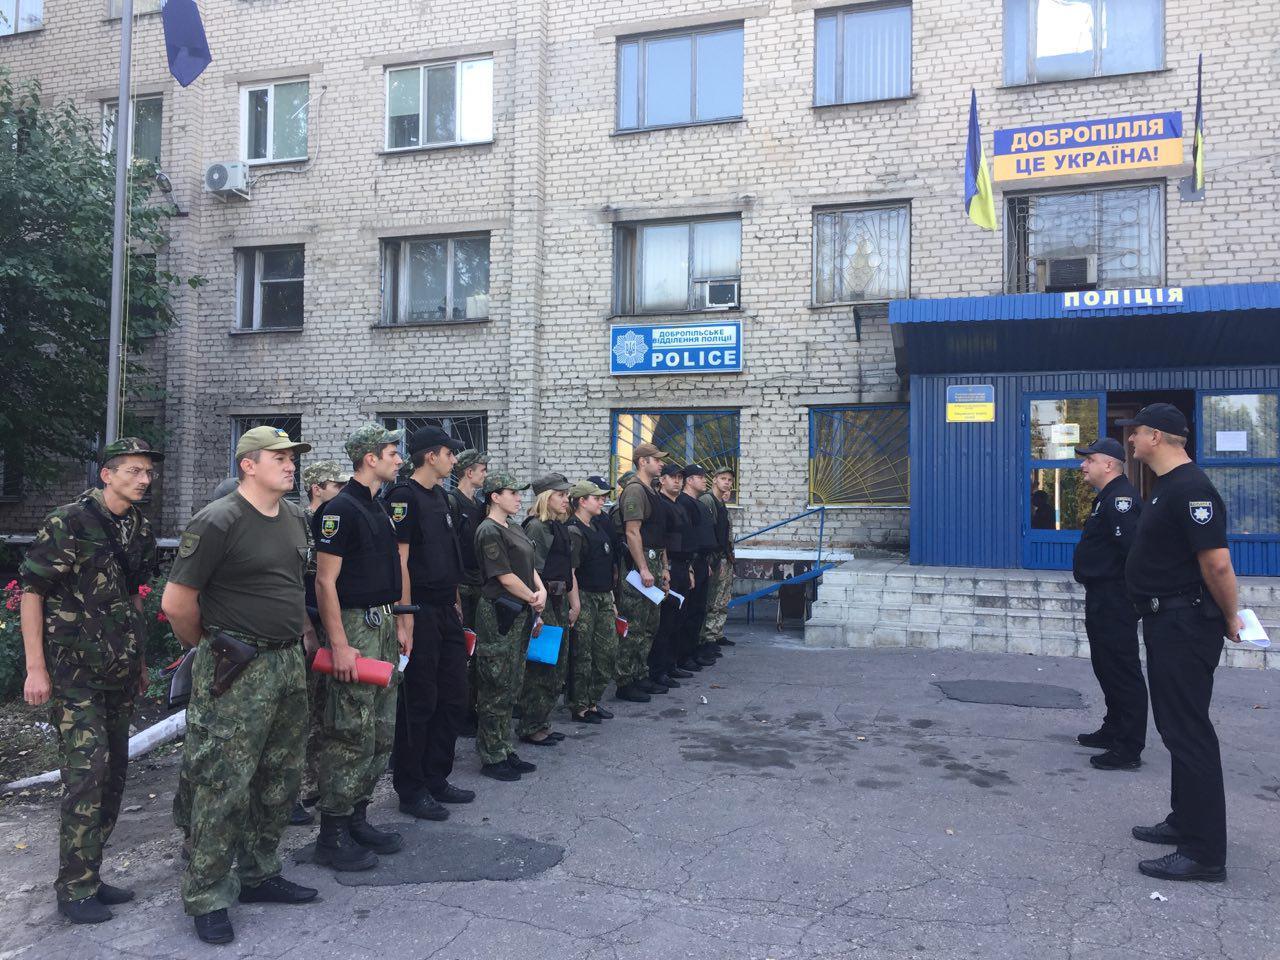 Правоохоронці Покровської оперативної зони готові до забезпечення правопорядку на День міста та День шахтаря, фото-7